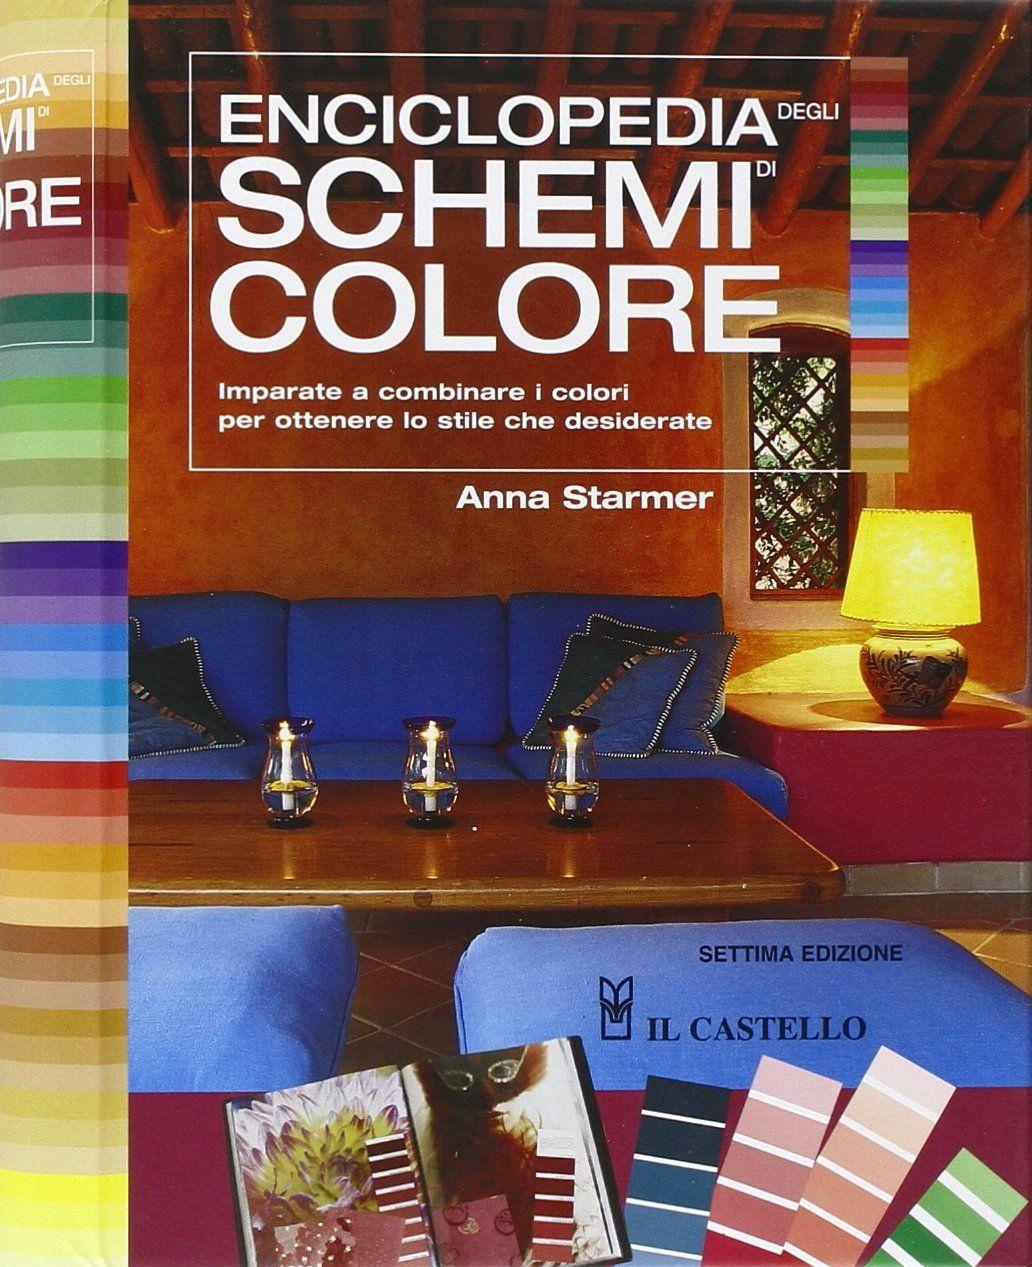 Amazon.it: Enciclopedia degli schemi di colore - Anna Starmer - Libri